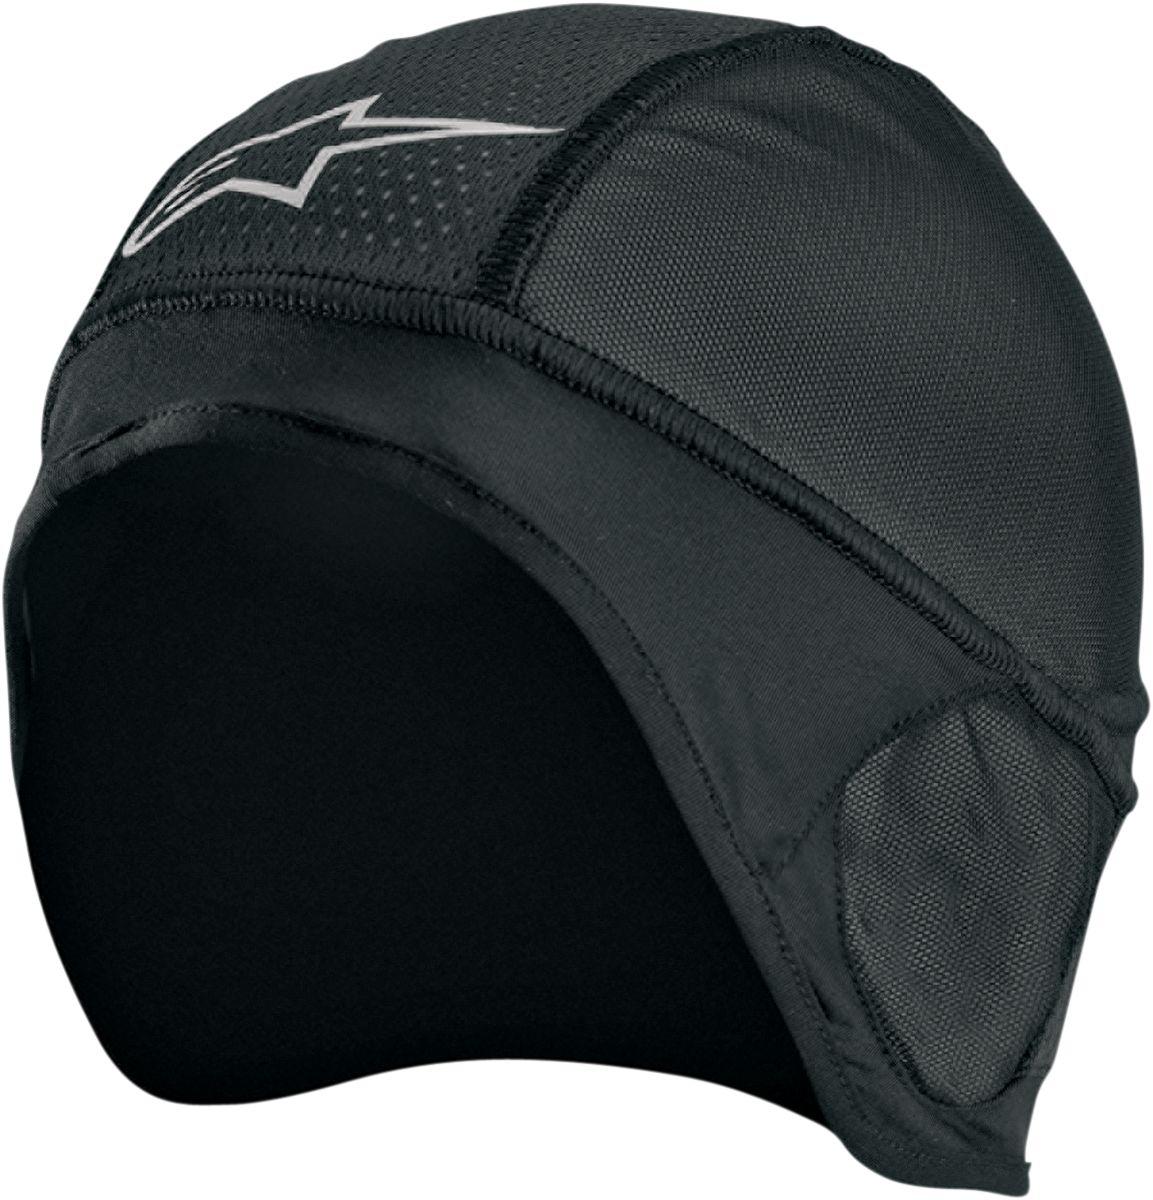 BALACLAVA SKULL CAP